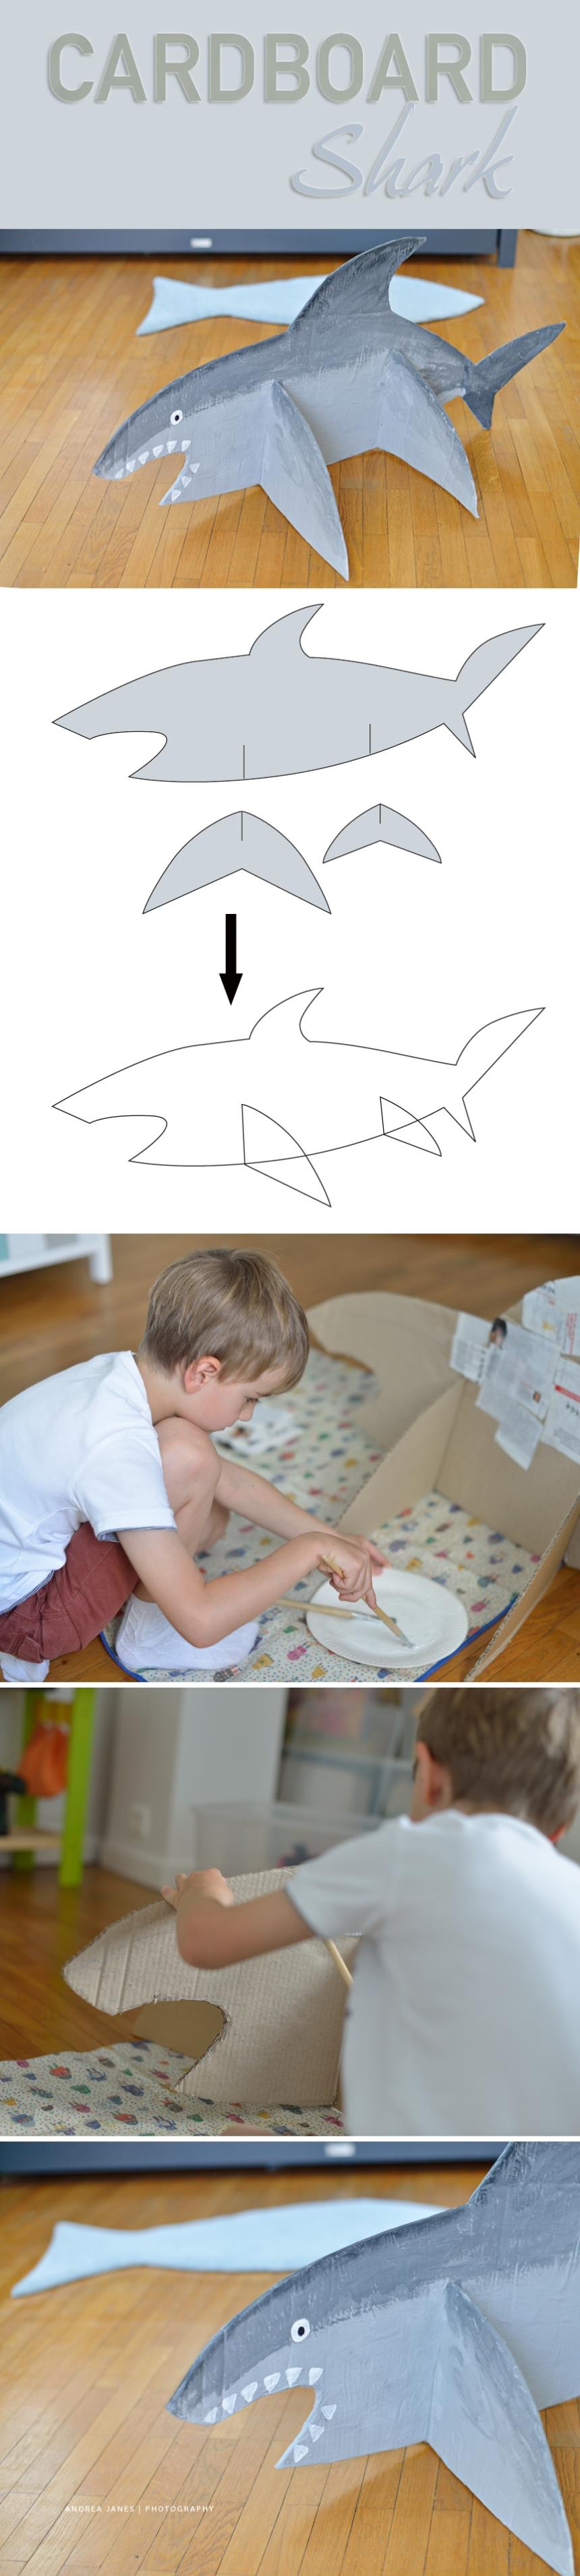 Cardboard-Shark